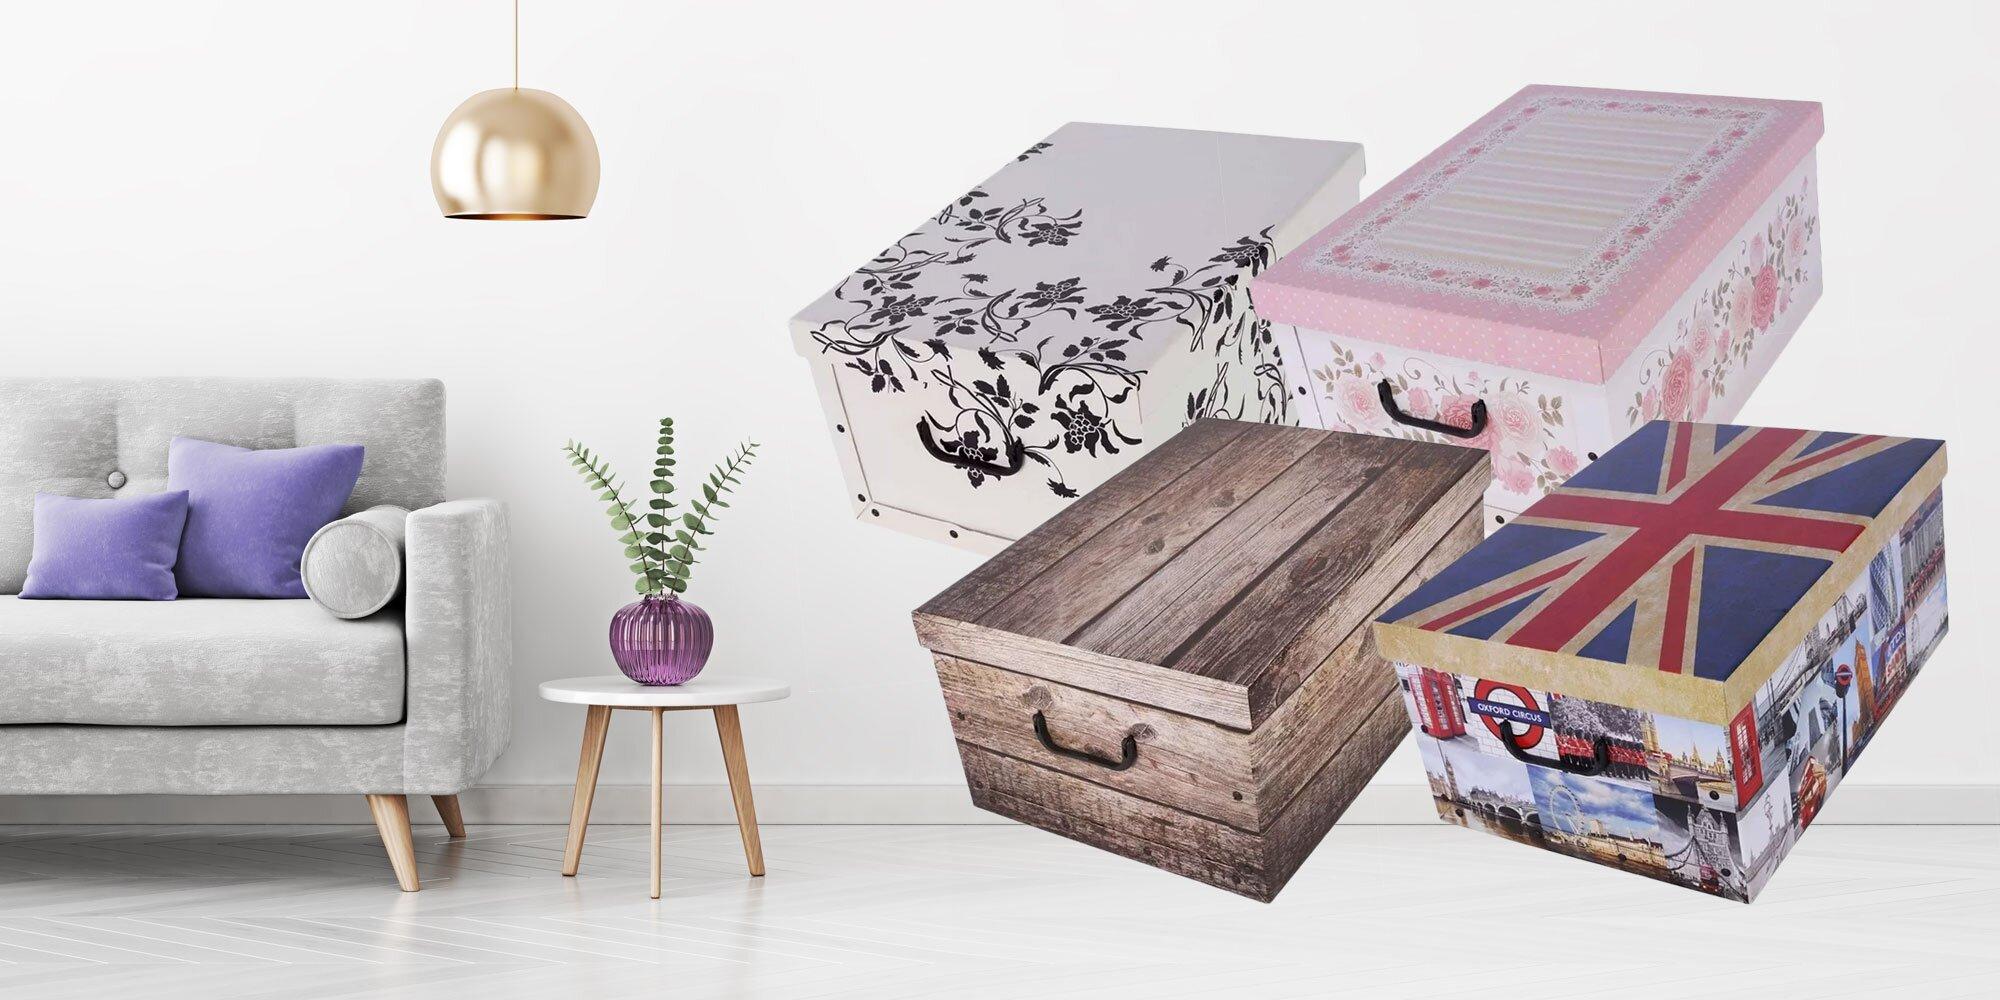 5a3d906bd Dekoračná úžitková krabica z pevného papiera! | Zlavomat.sk